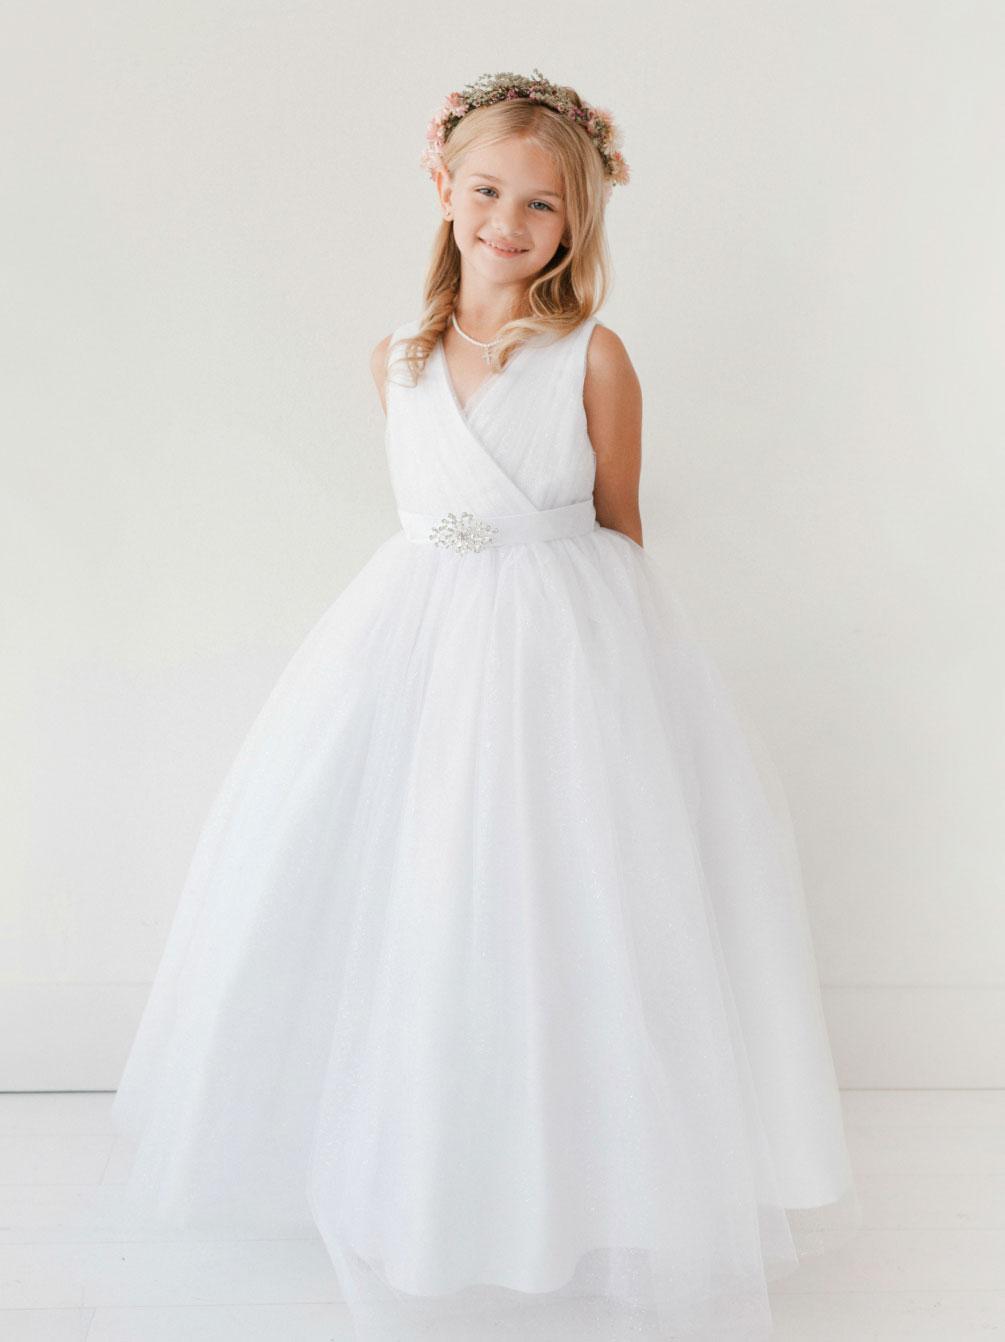 Tt 5698 Long Girls Dress Style 5698 White Long Length